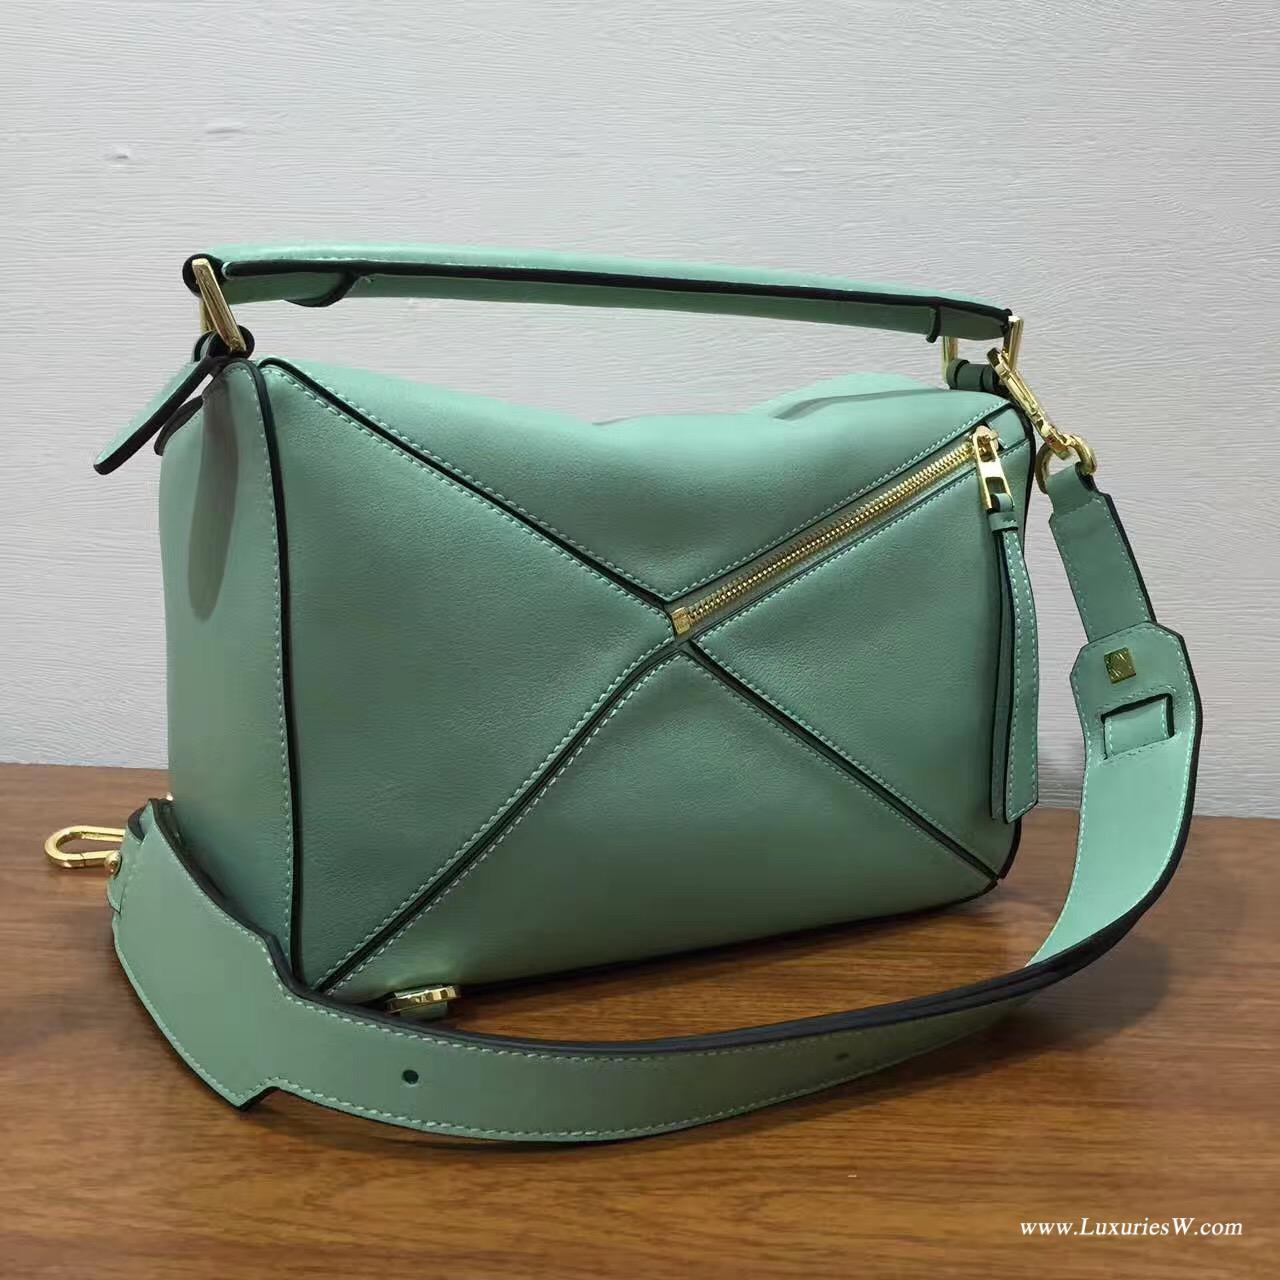 羅意威LOEWE包包 Puzzle Bag 海水绿色 30cm 長方體形狀 折疊幾何包